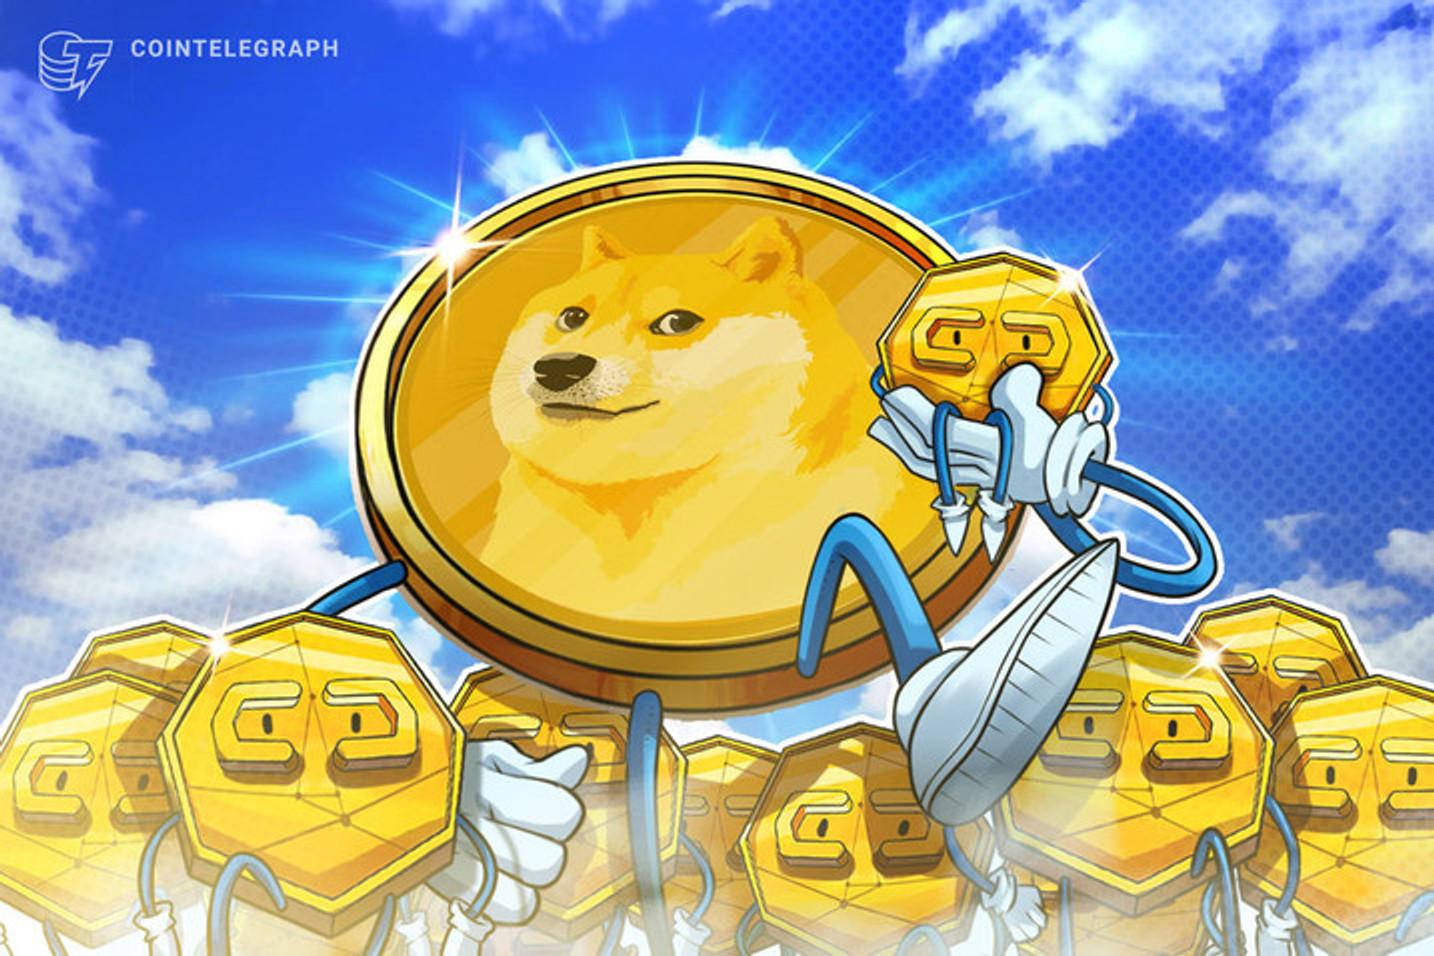 'Las criptomonedas meme dormidas podrían superar la valoración de Bitcoin', según un trader que indica una subida del 77% para SafeMoon, Shiba Inu y Dogecoin